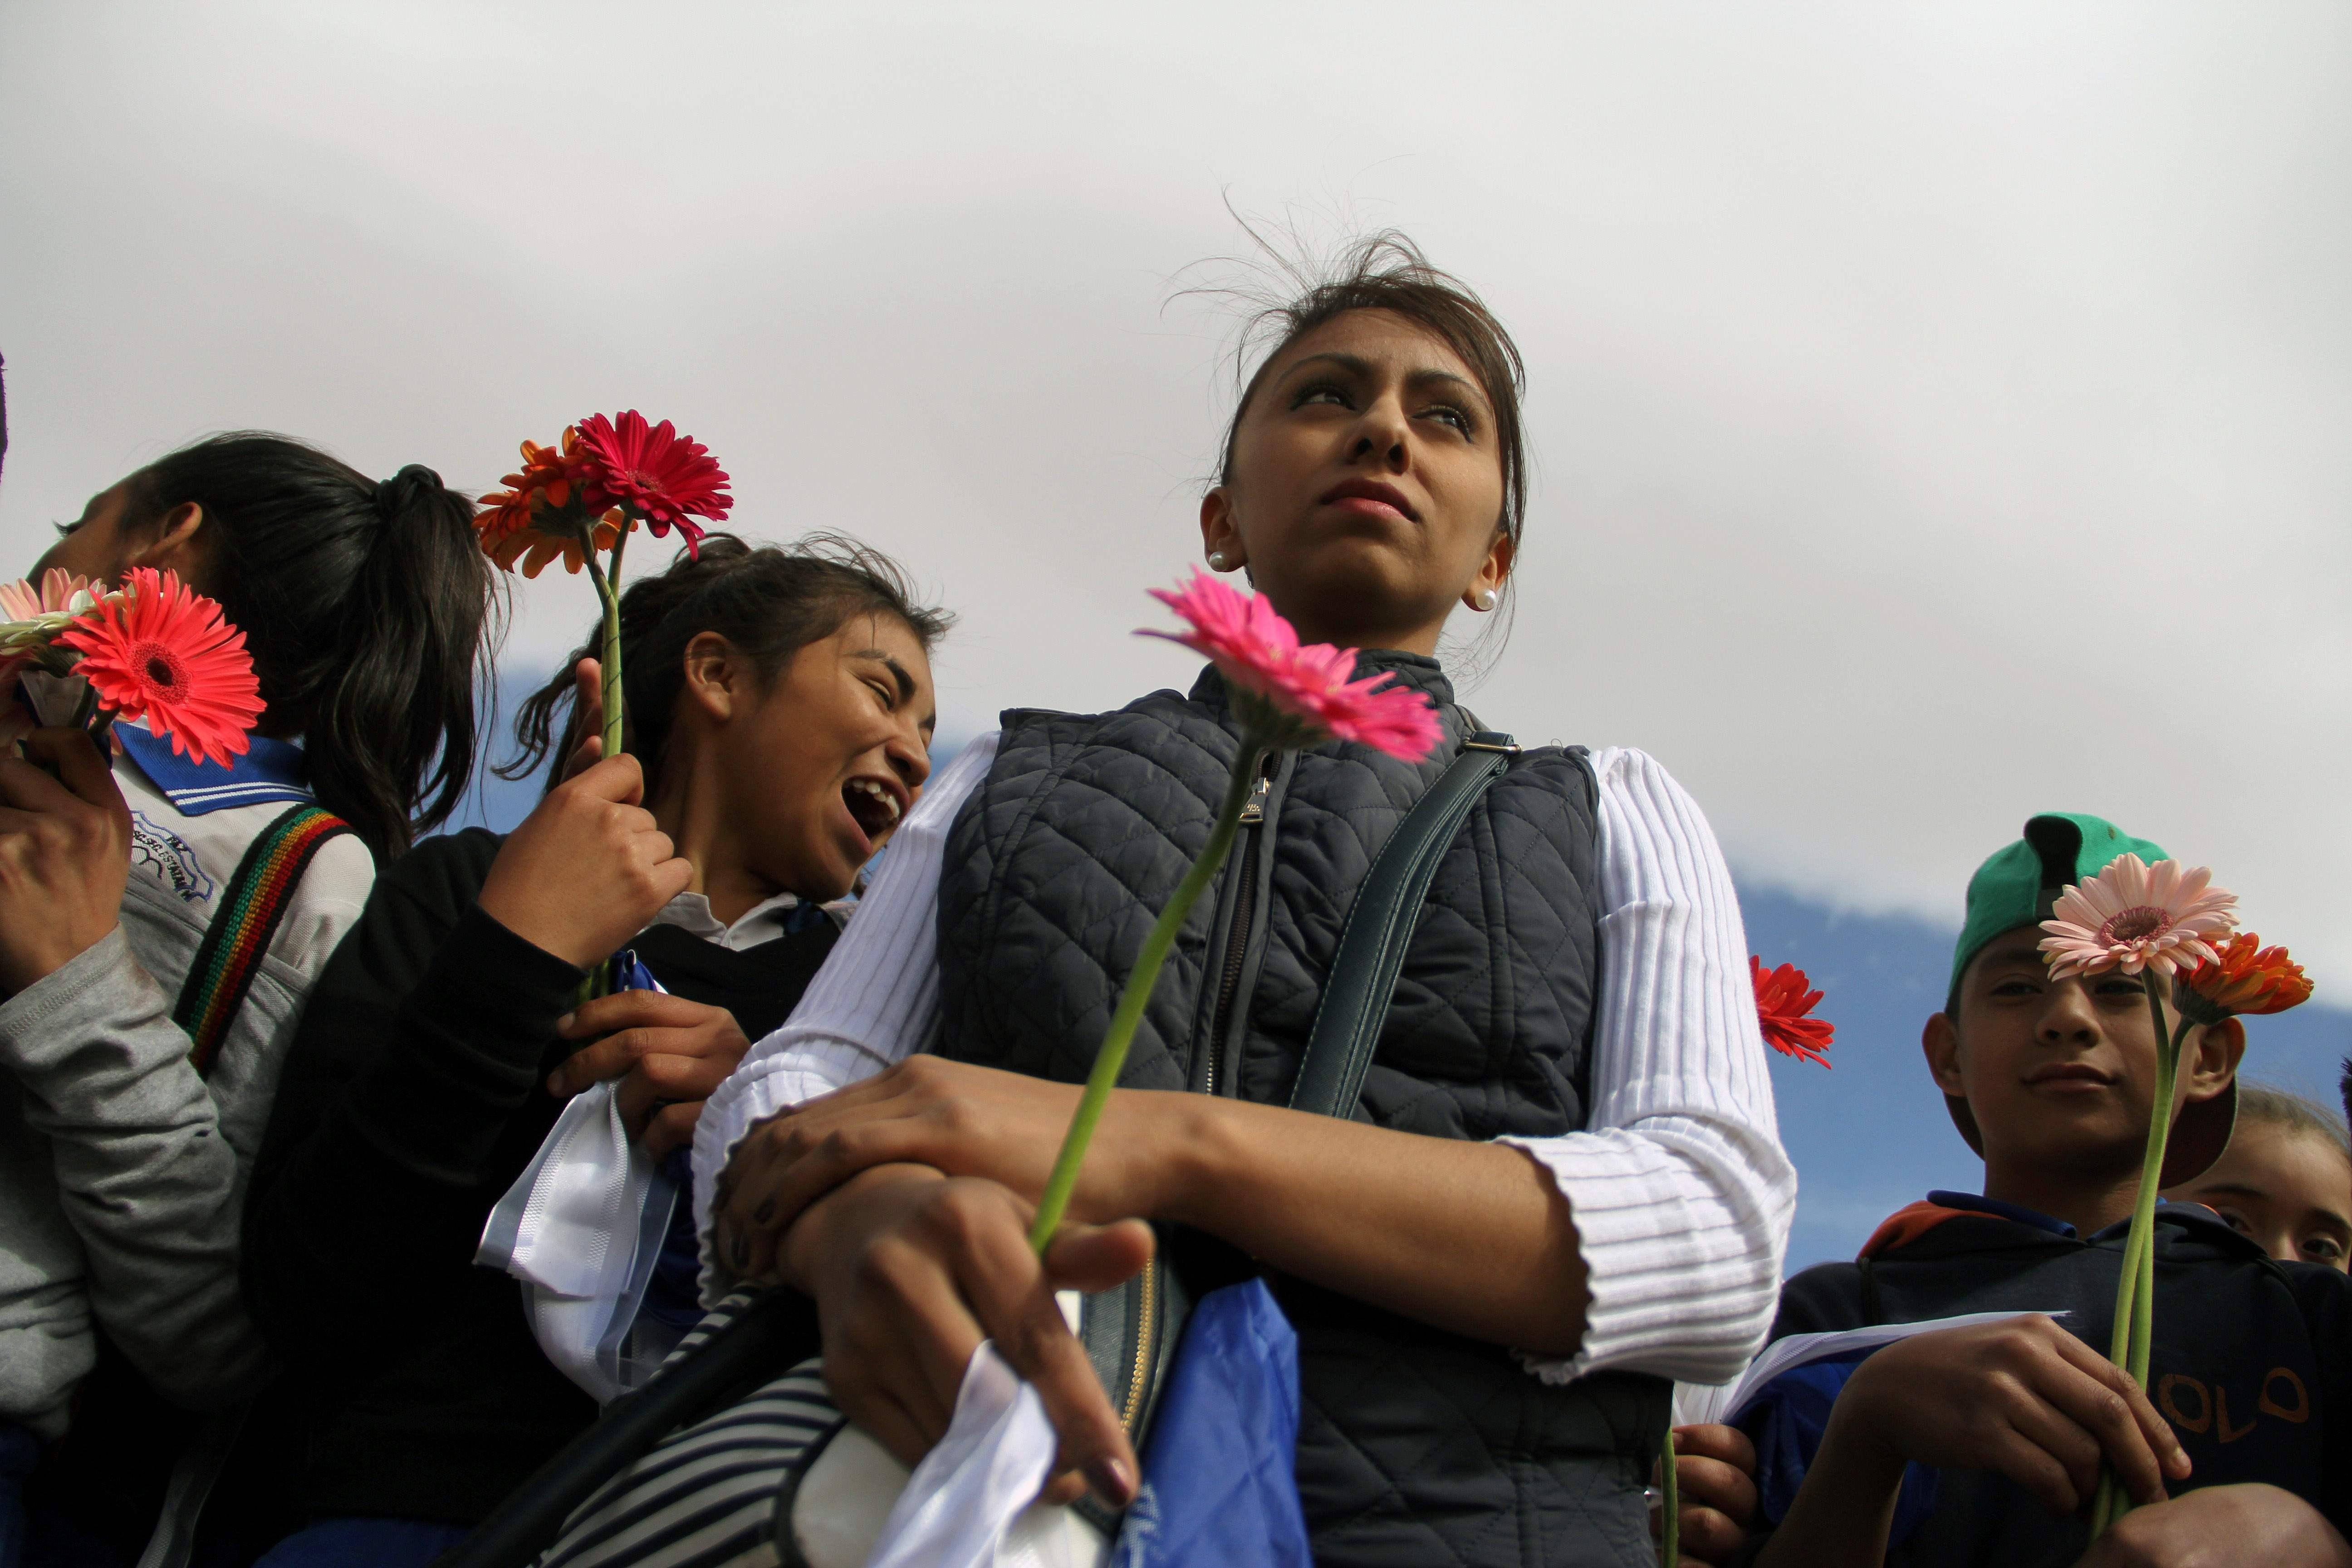 فتاة تحمل وردة وبجوارها اطفال يشاركون فى الوقفة الاحتجاجية ضد ترامب